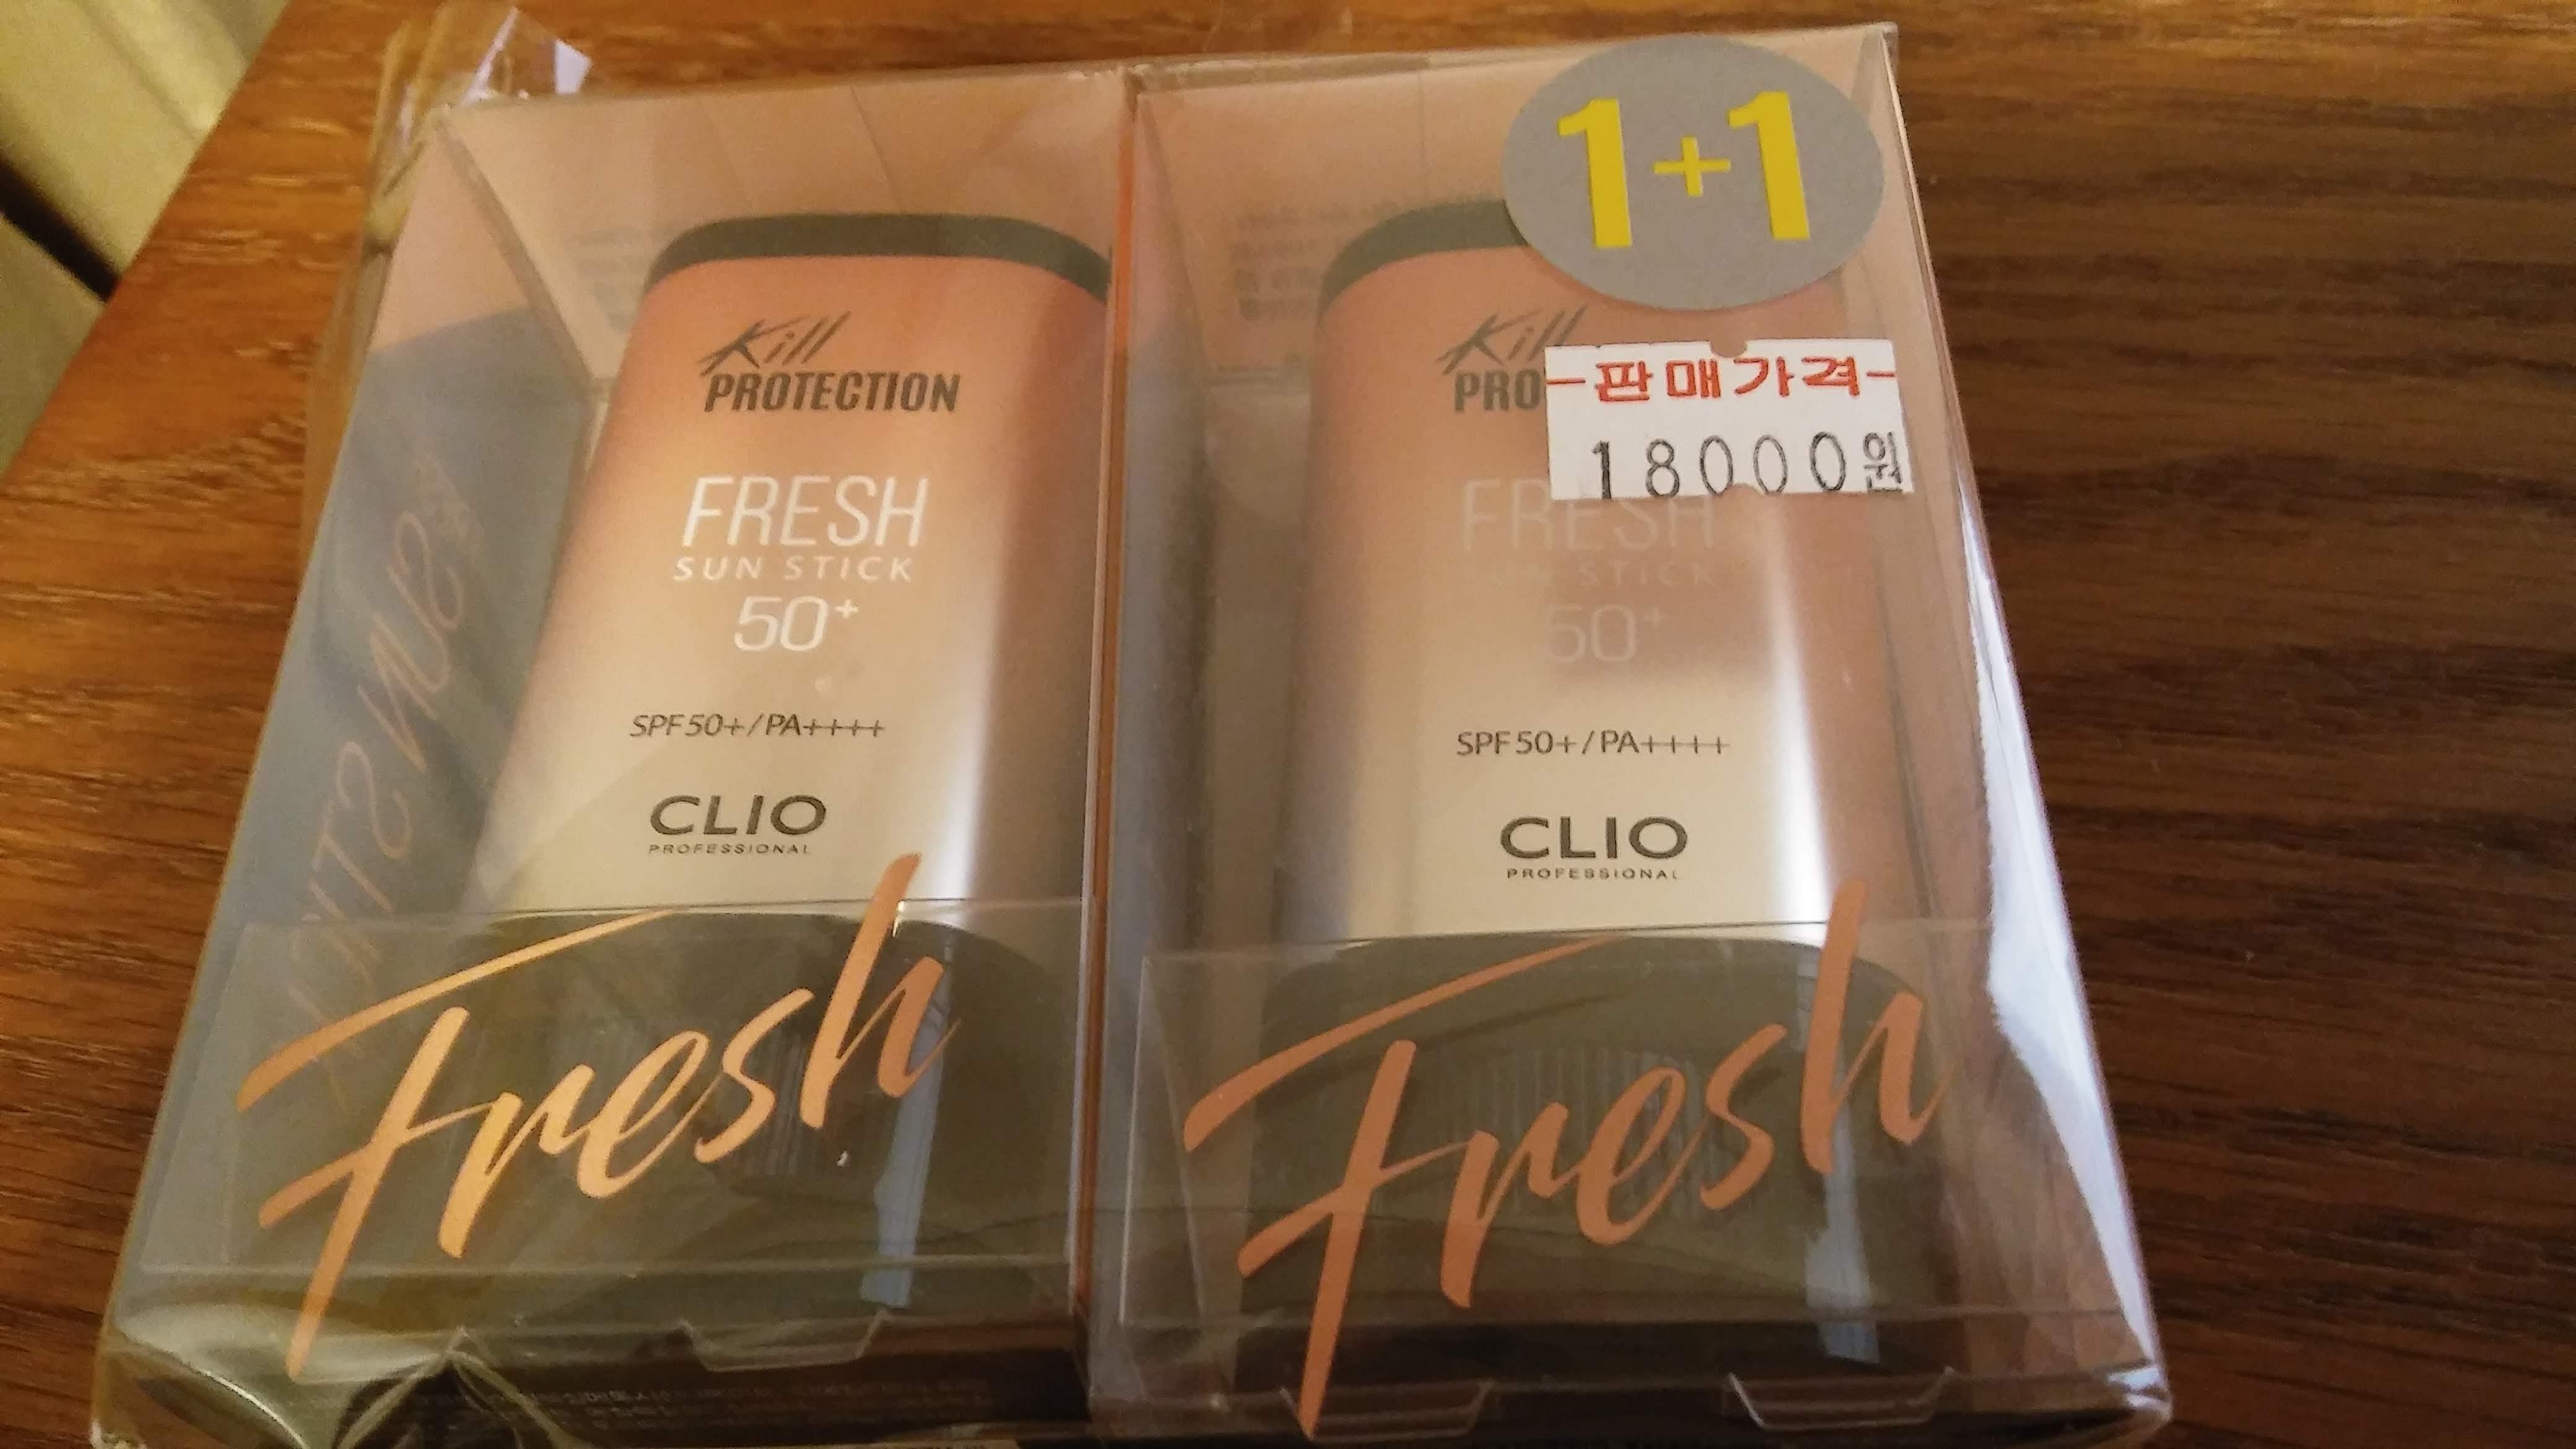 CLIO Kill PROTECTION FRESH SUN STICK SPF50